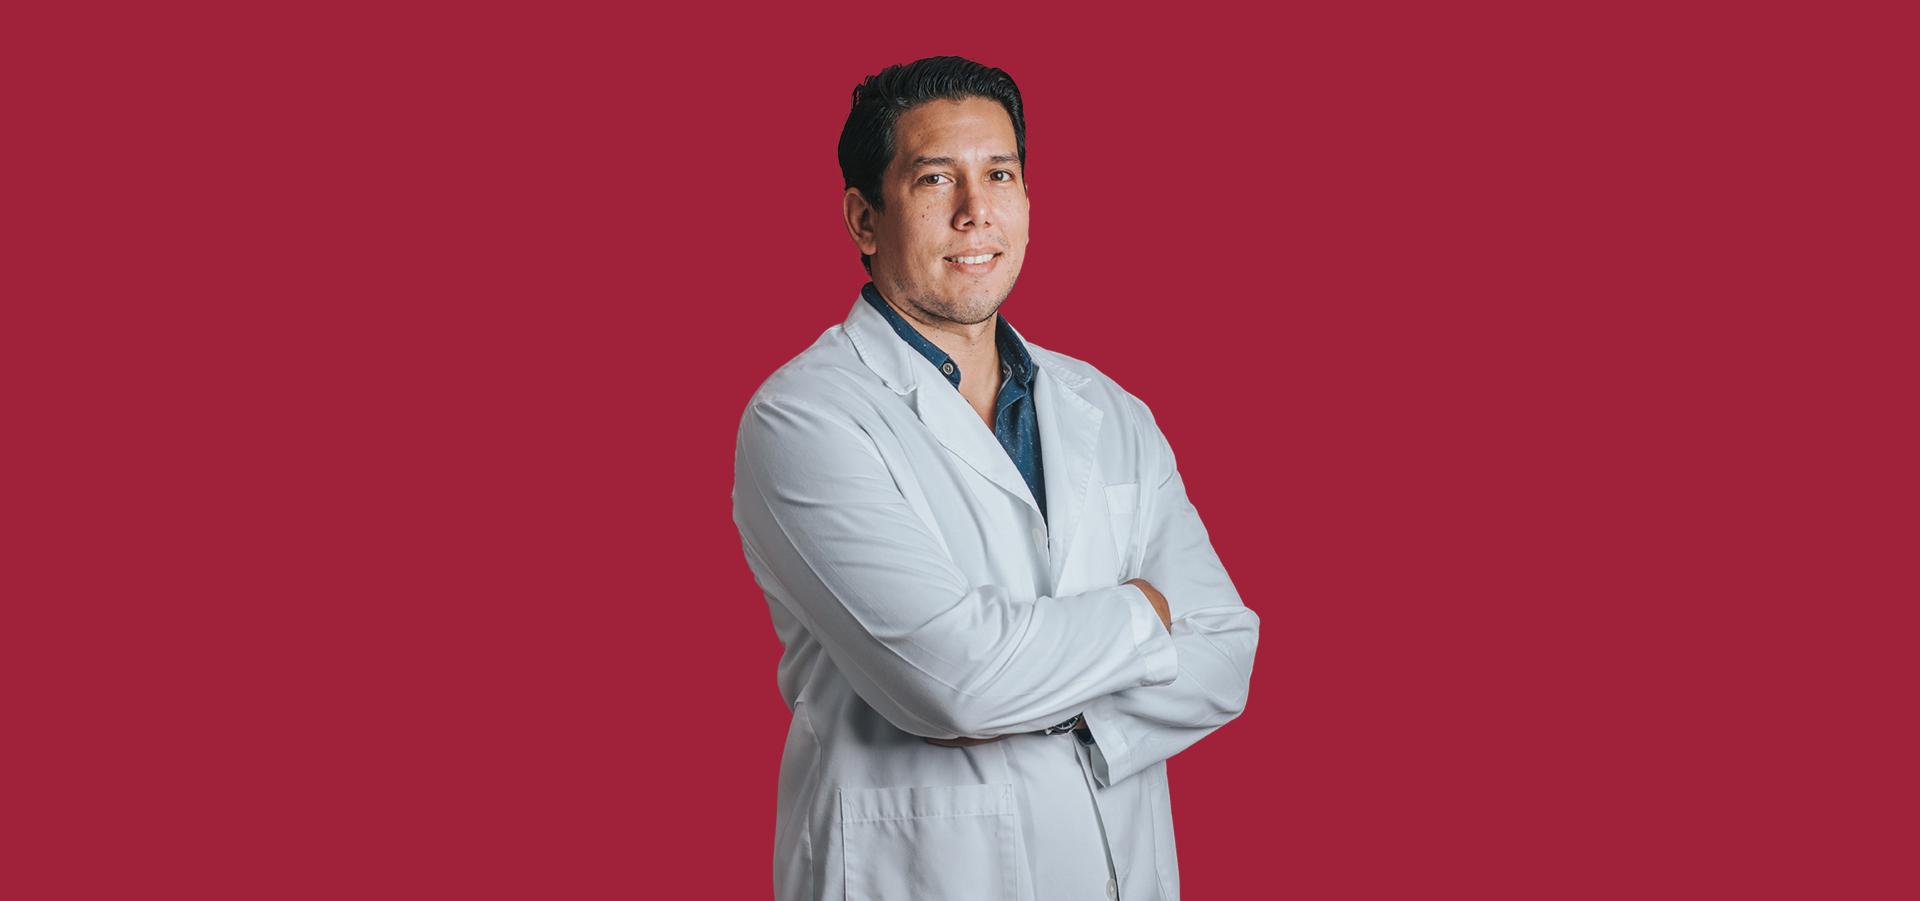 Dr. Omar Zacapa Espinoza